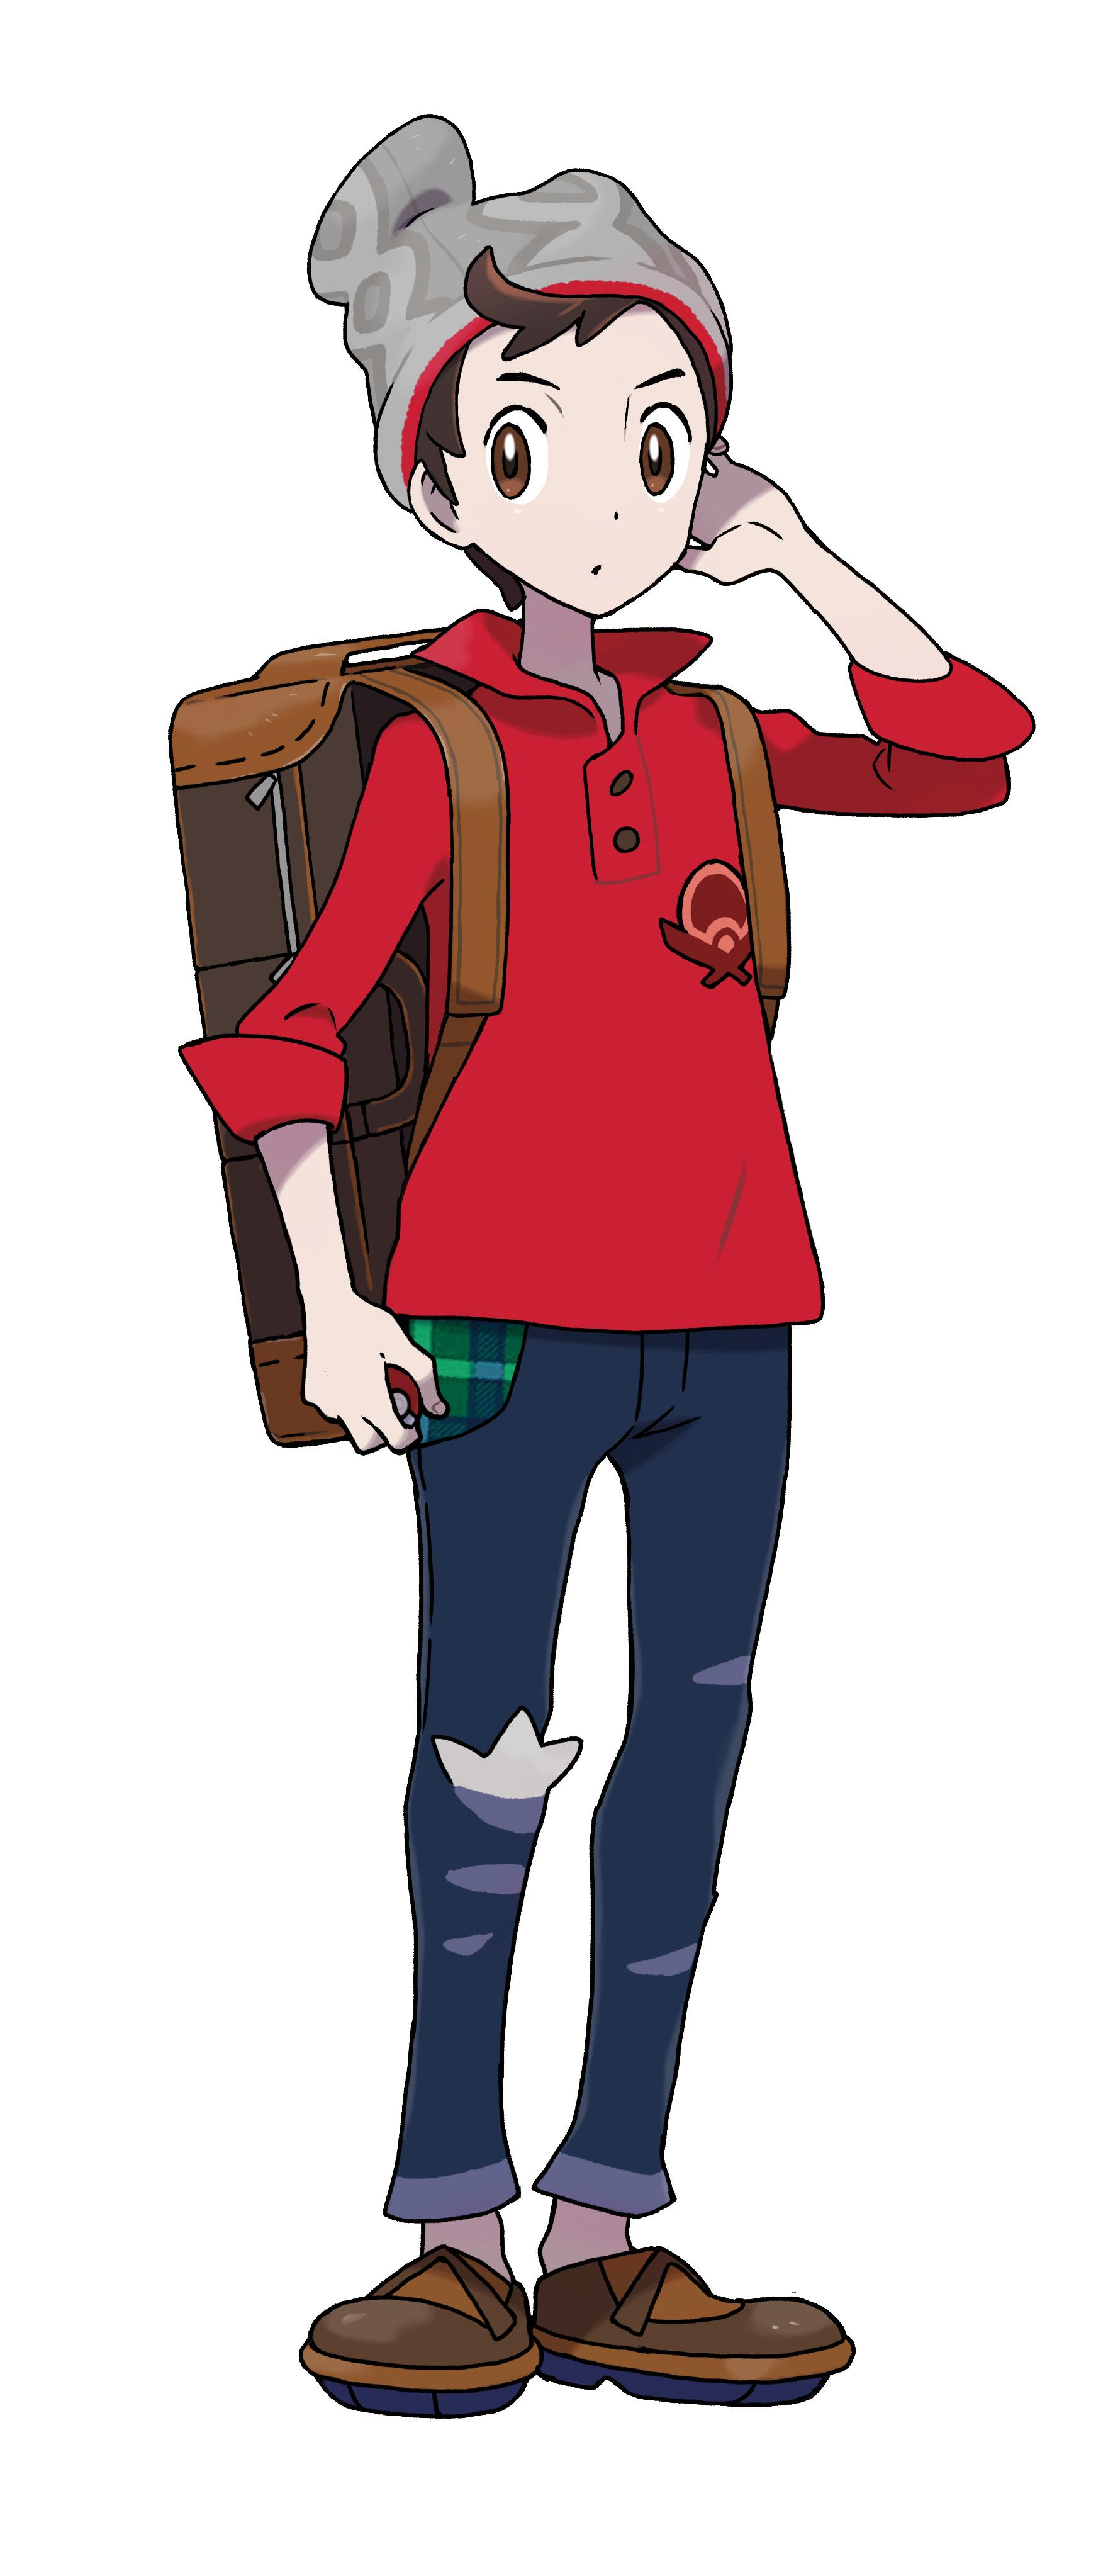 キャラクター ポケモン